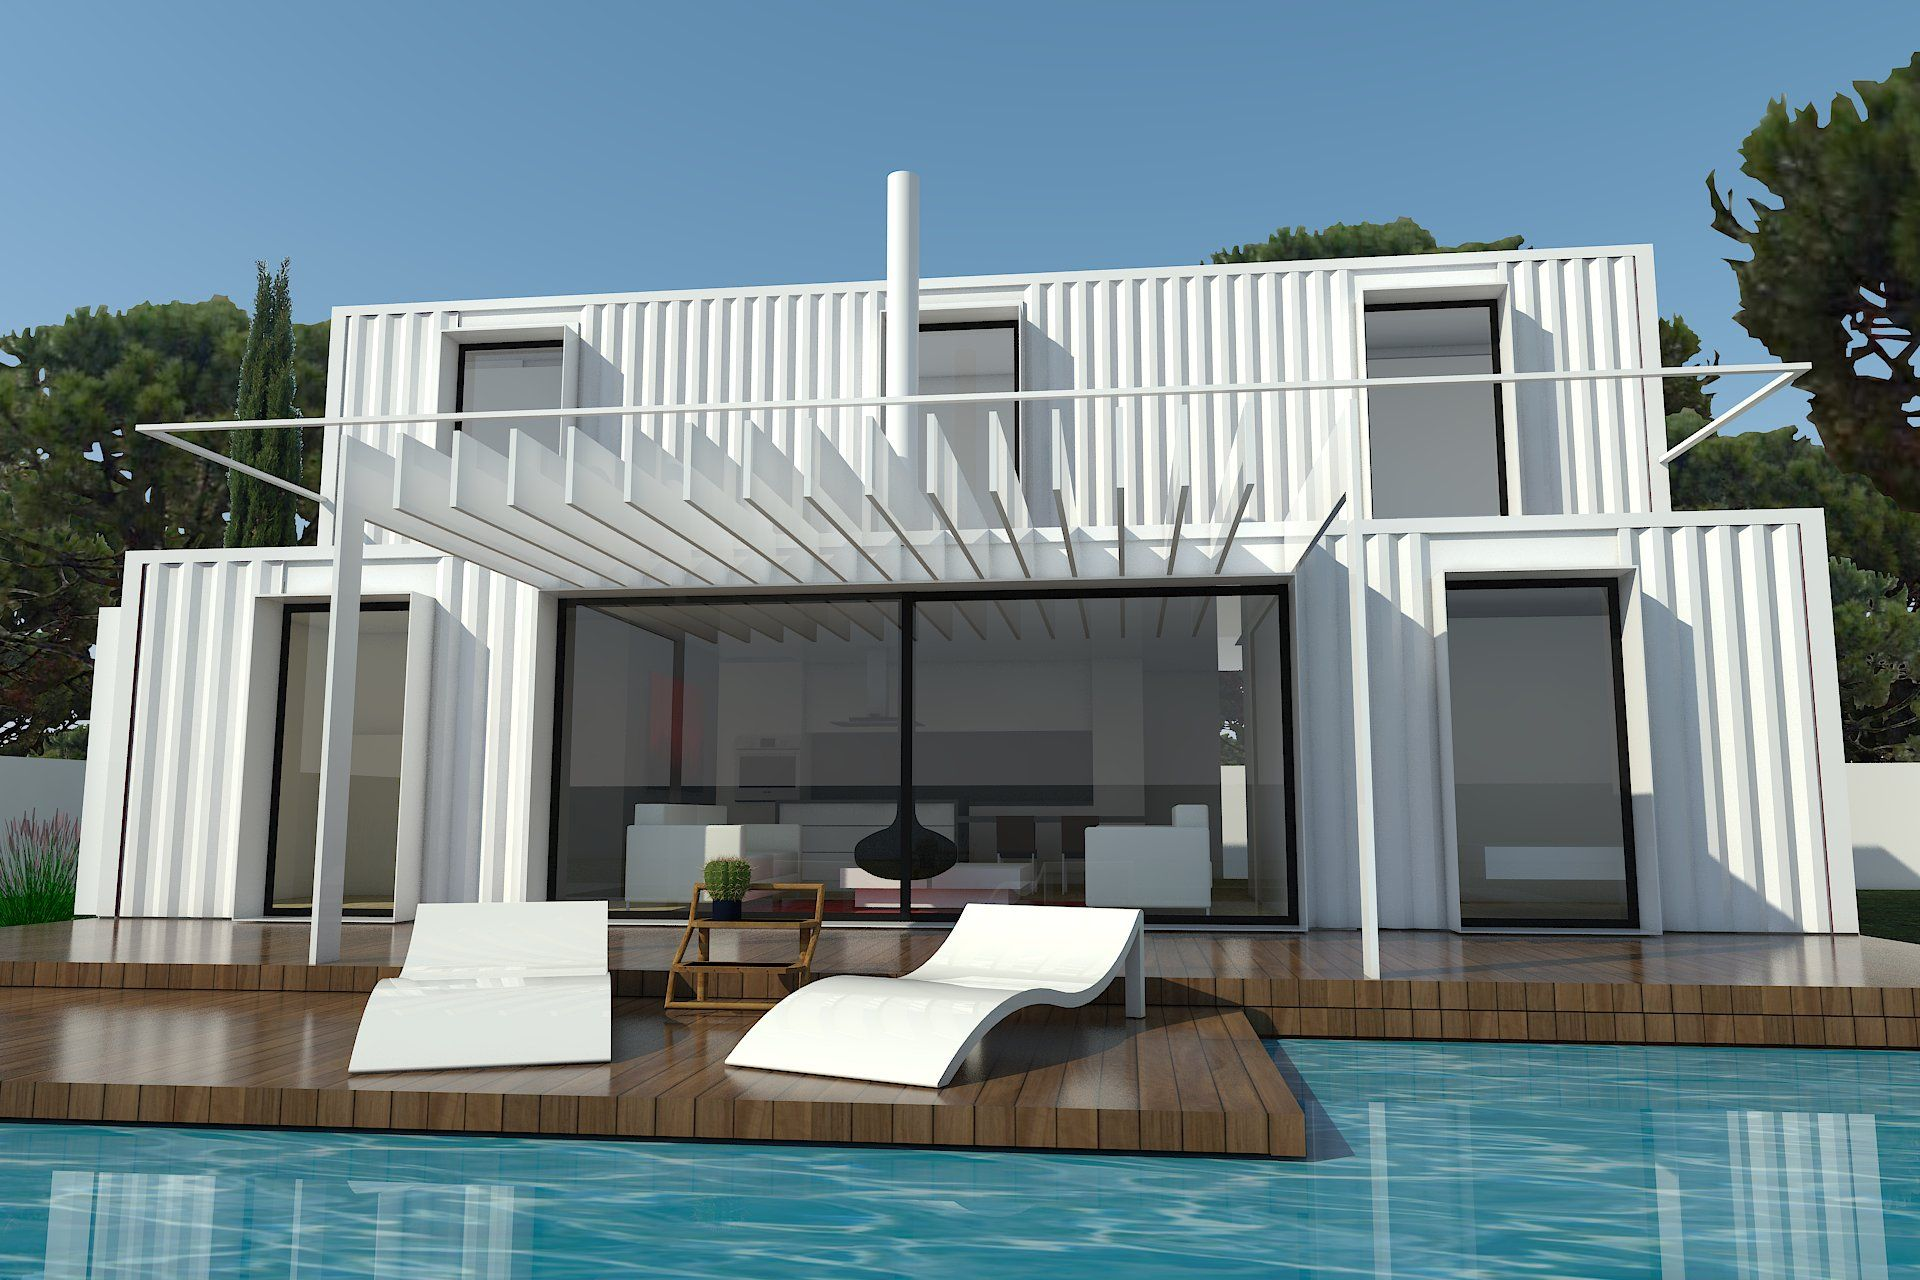 H kub casas prefabricadas en contenedores mar timos mi negocio pinterest b squeda - Casas prefabricadas de contenedores ...